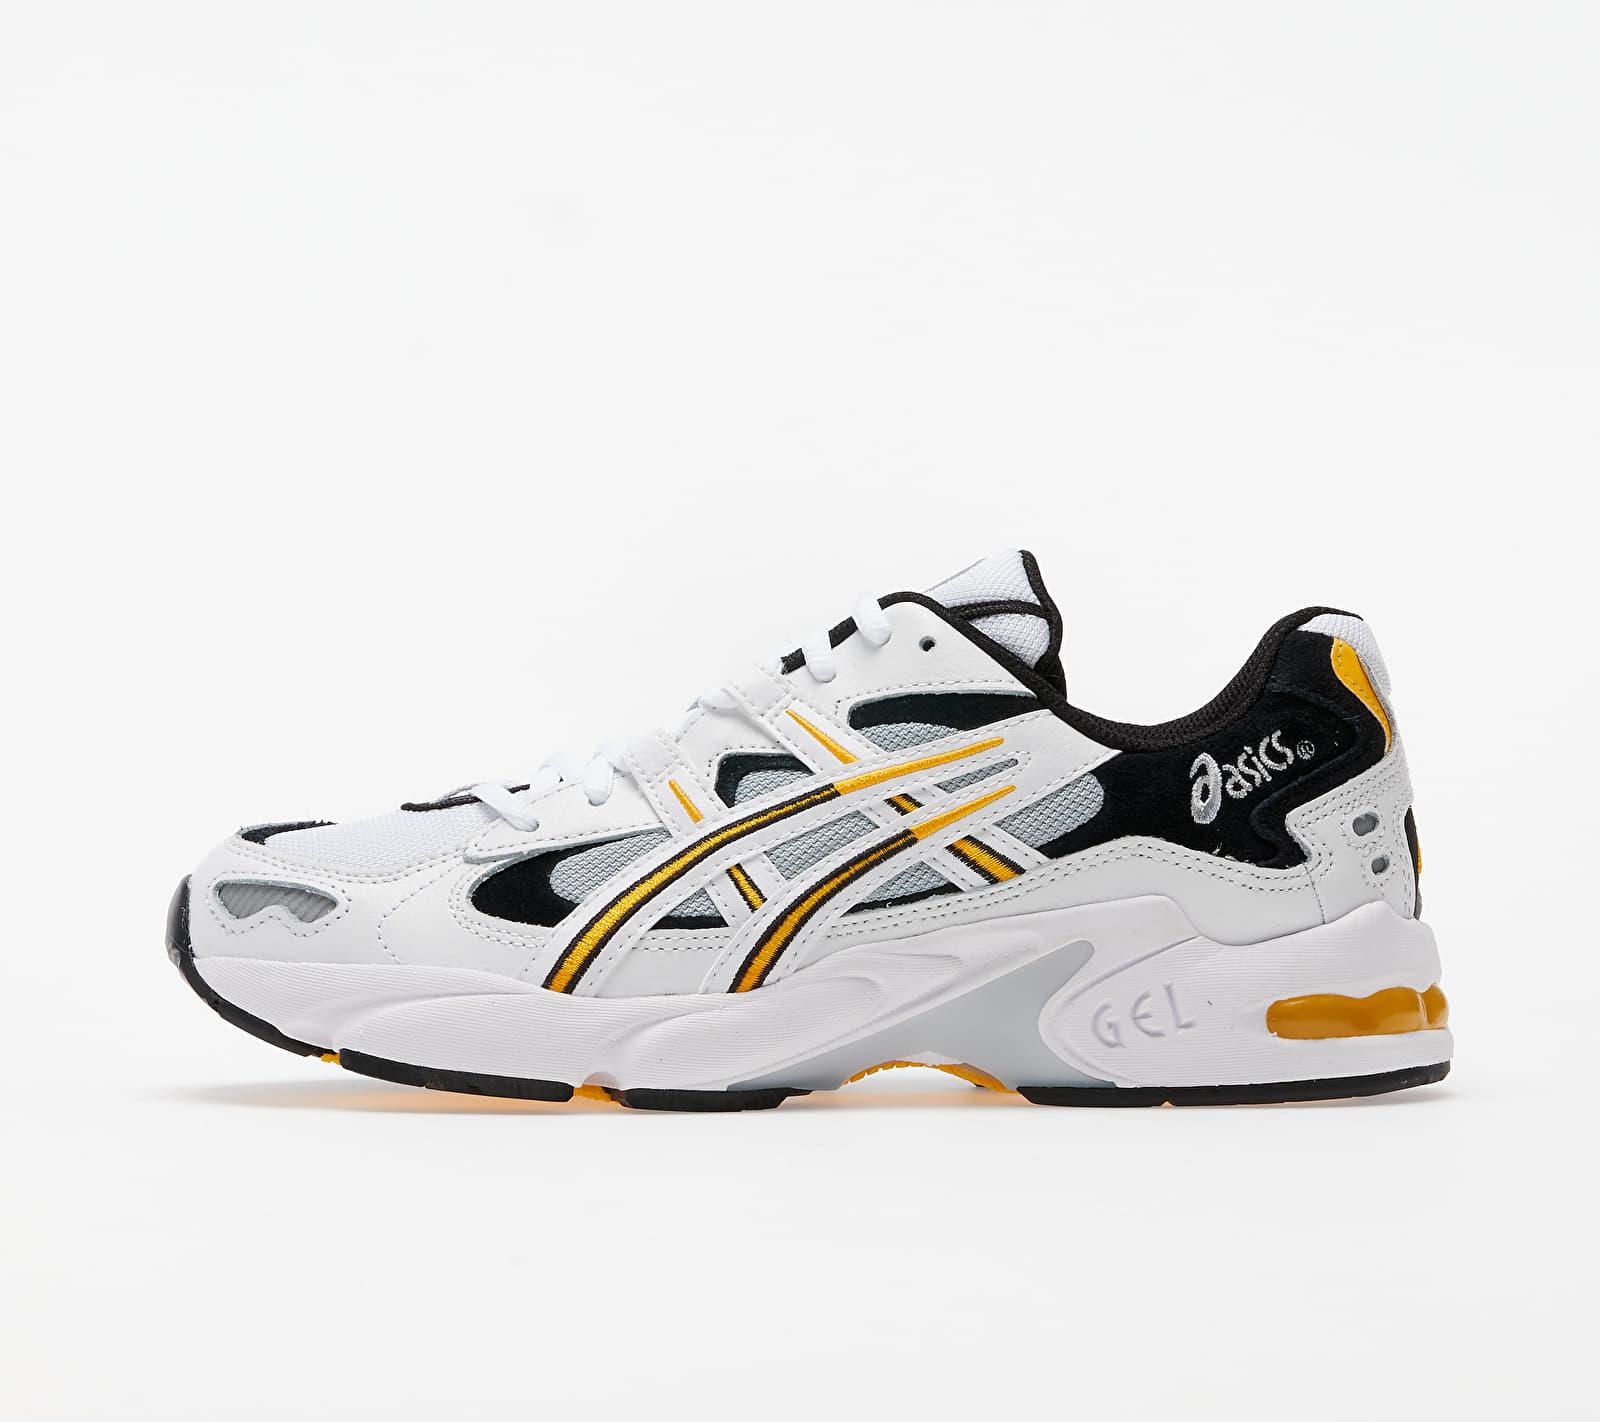 Asics Gel-Kayano 5 OG White/ Saffron EUR 46